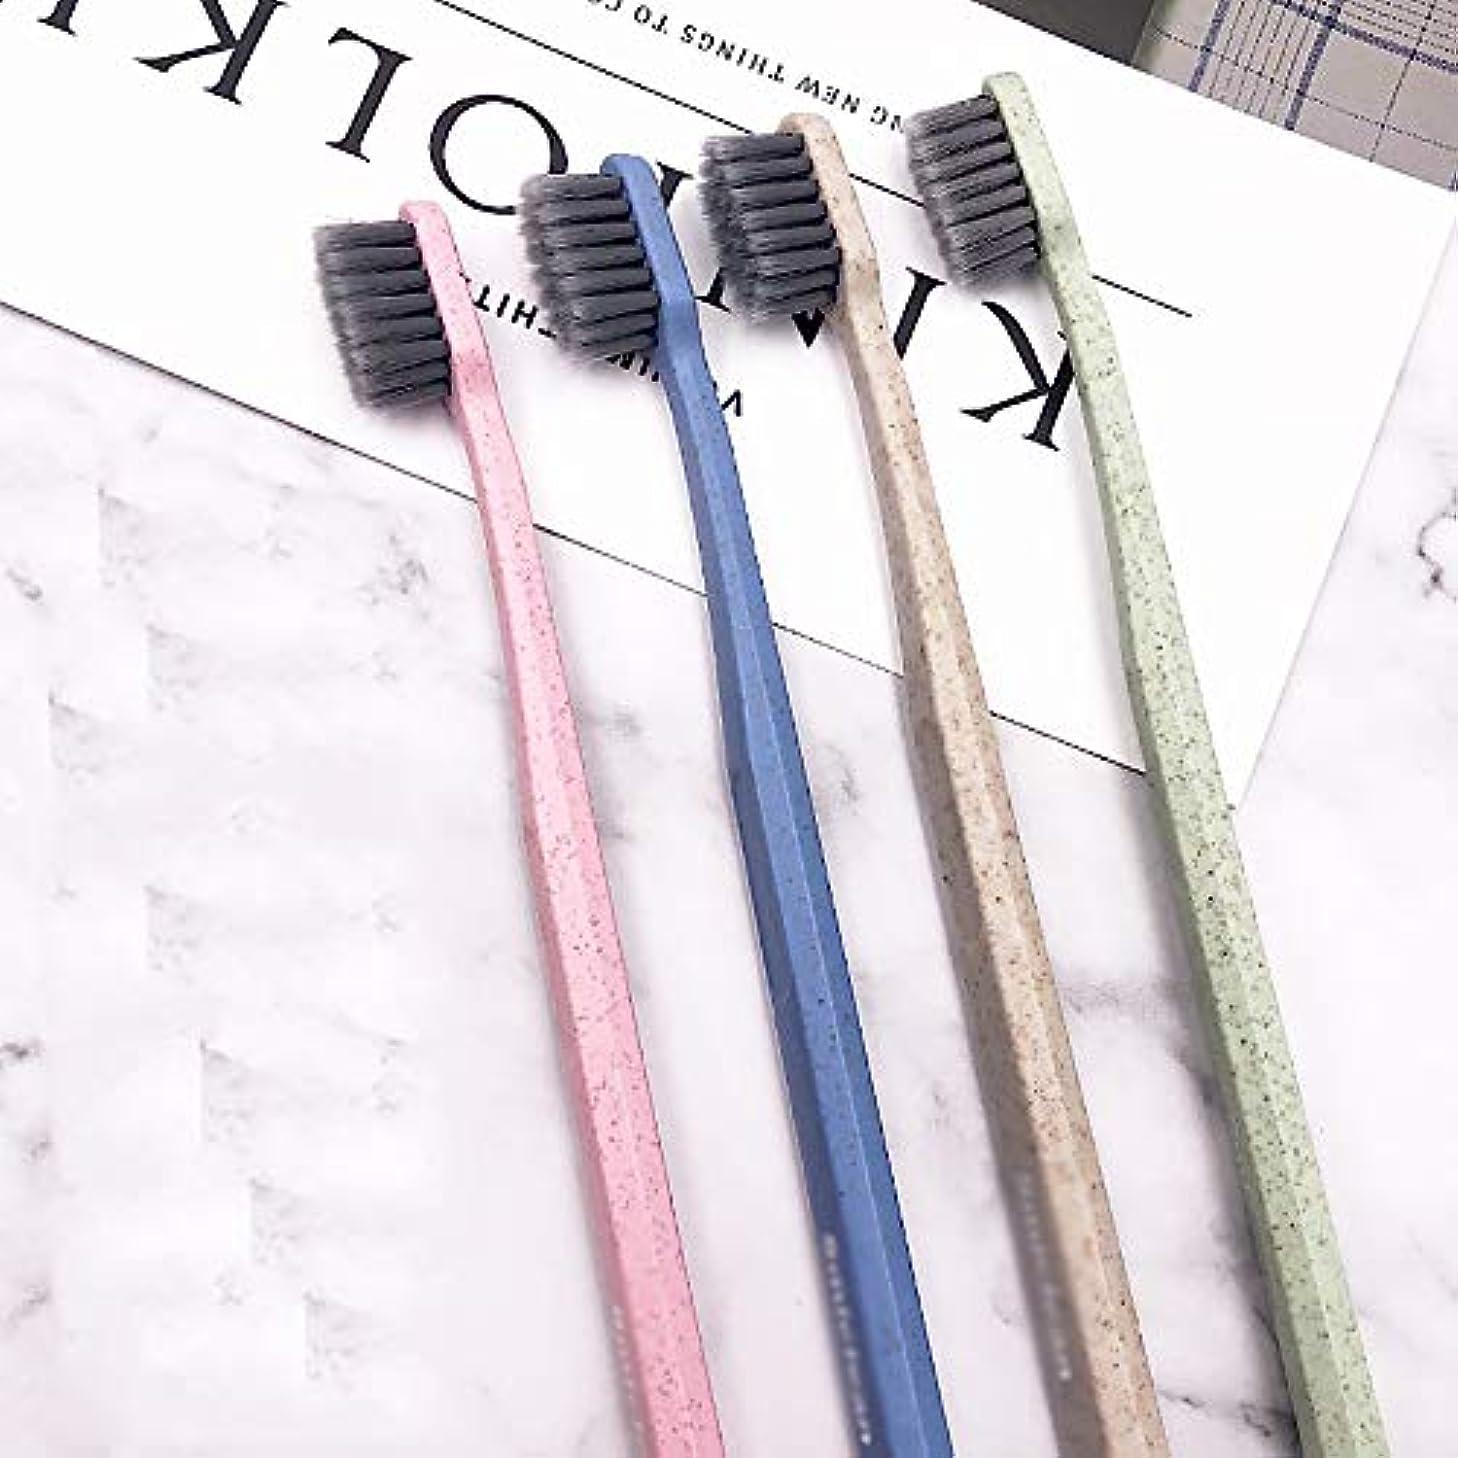 束基準傷つきやすい歯ブラシ 8竹炭歯ブラシ、大人のためのソフト歯ブラシ、美容アクセサリー - 使用可能なスタイルの3種類 HL (色 : B, サイズ : 8 packs)